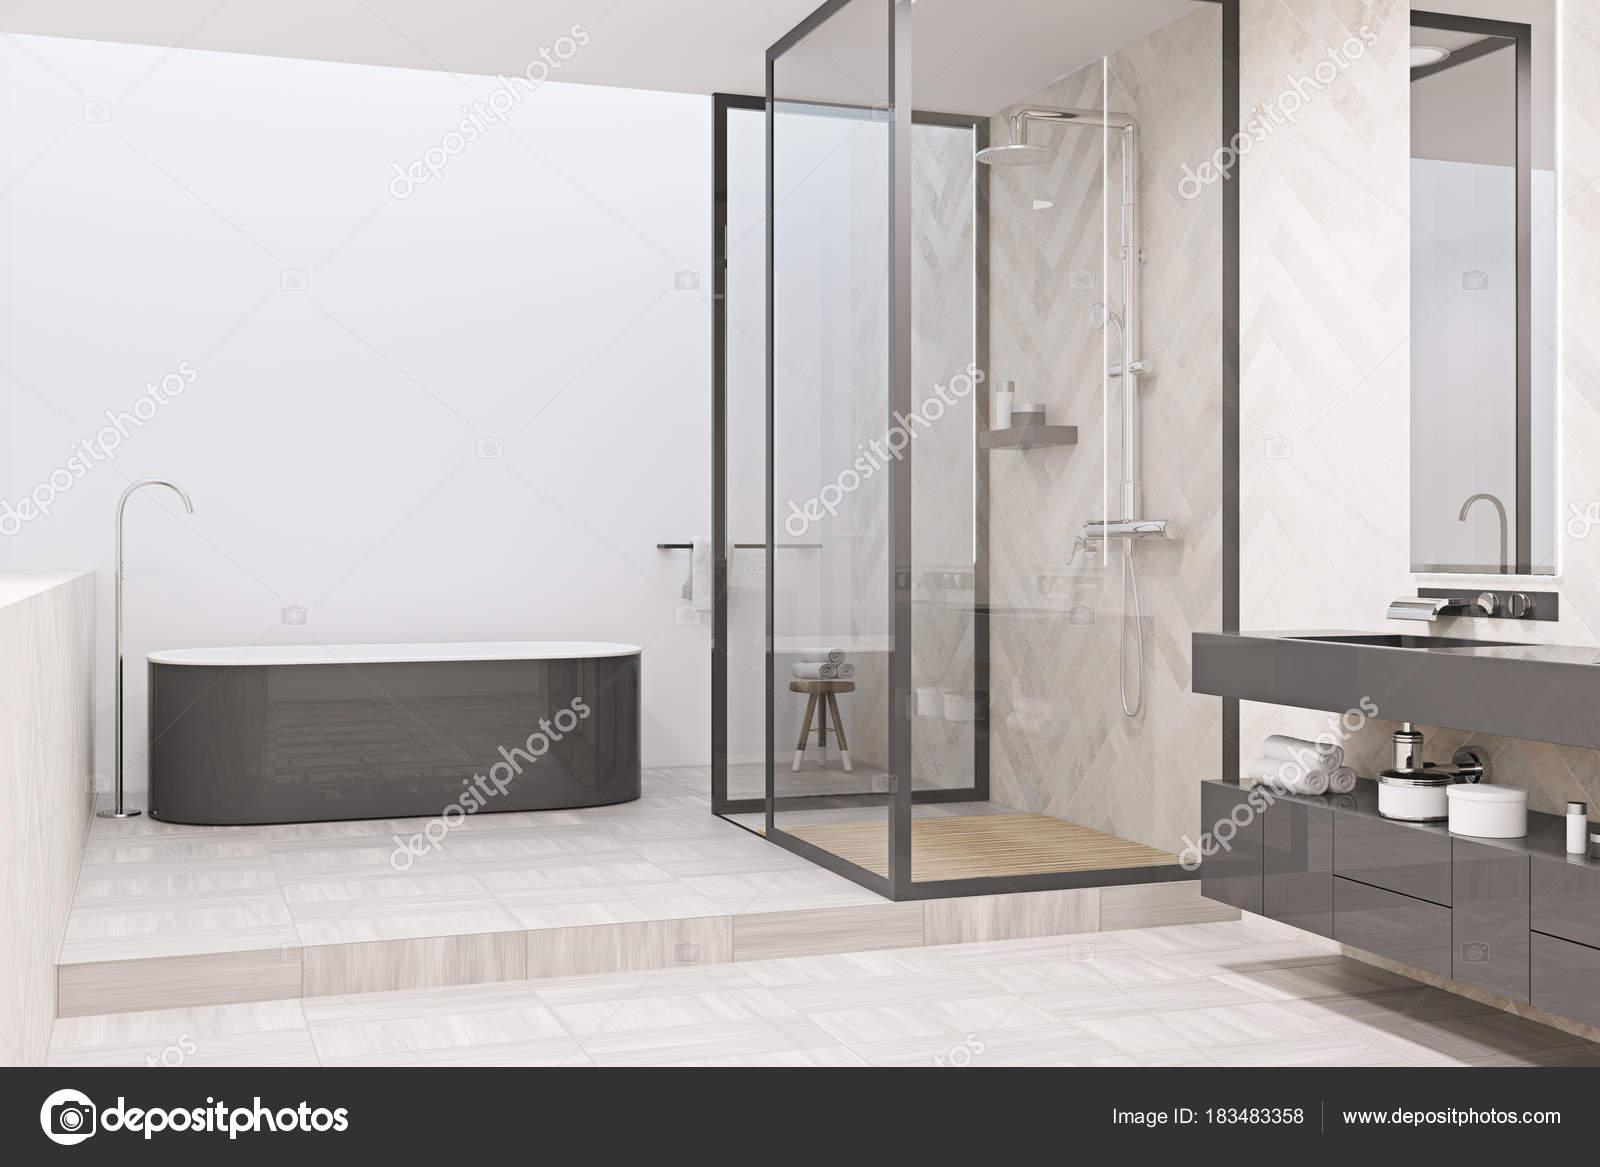 Modernes Bad Ecke Mit Einer Grauen Badewanne U2014 Stockfoto